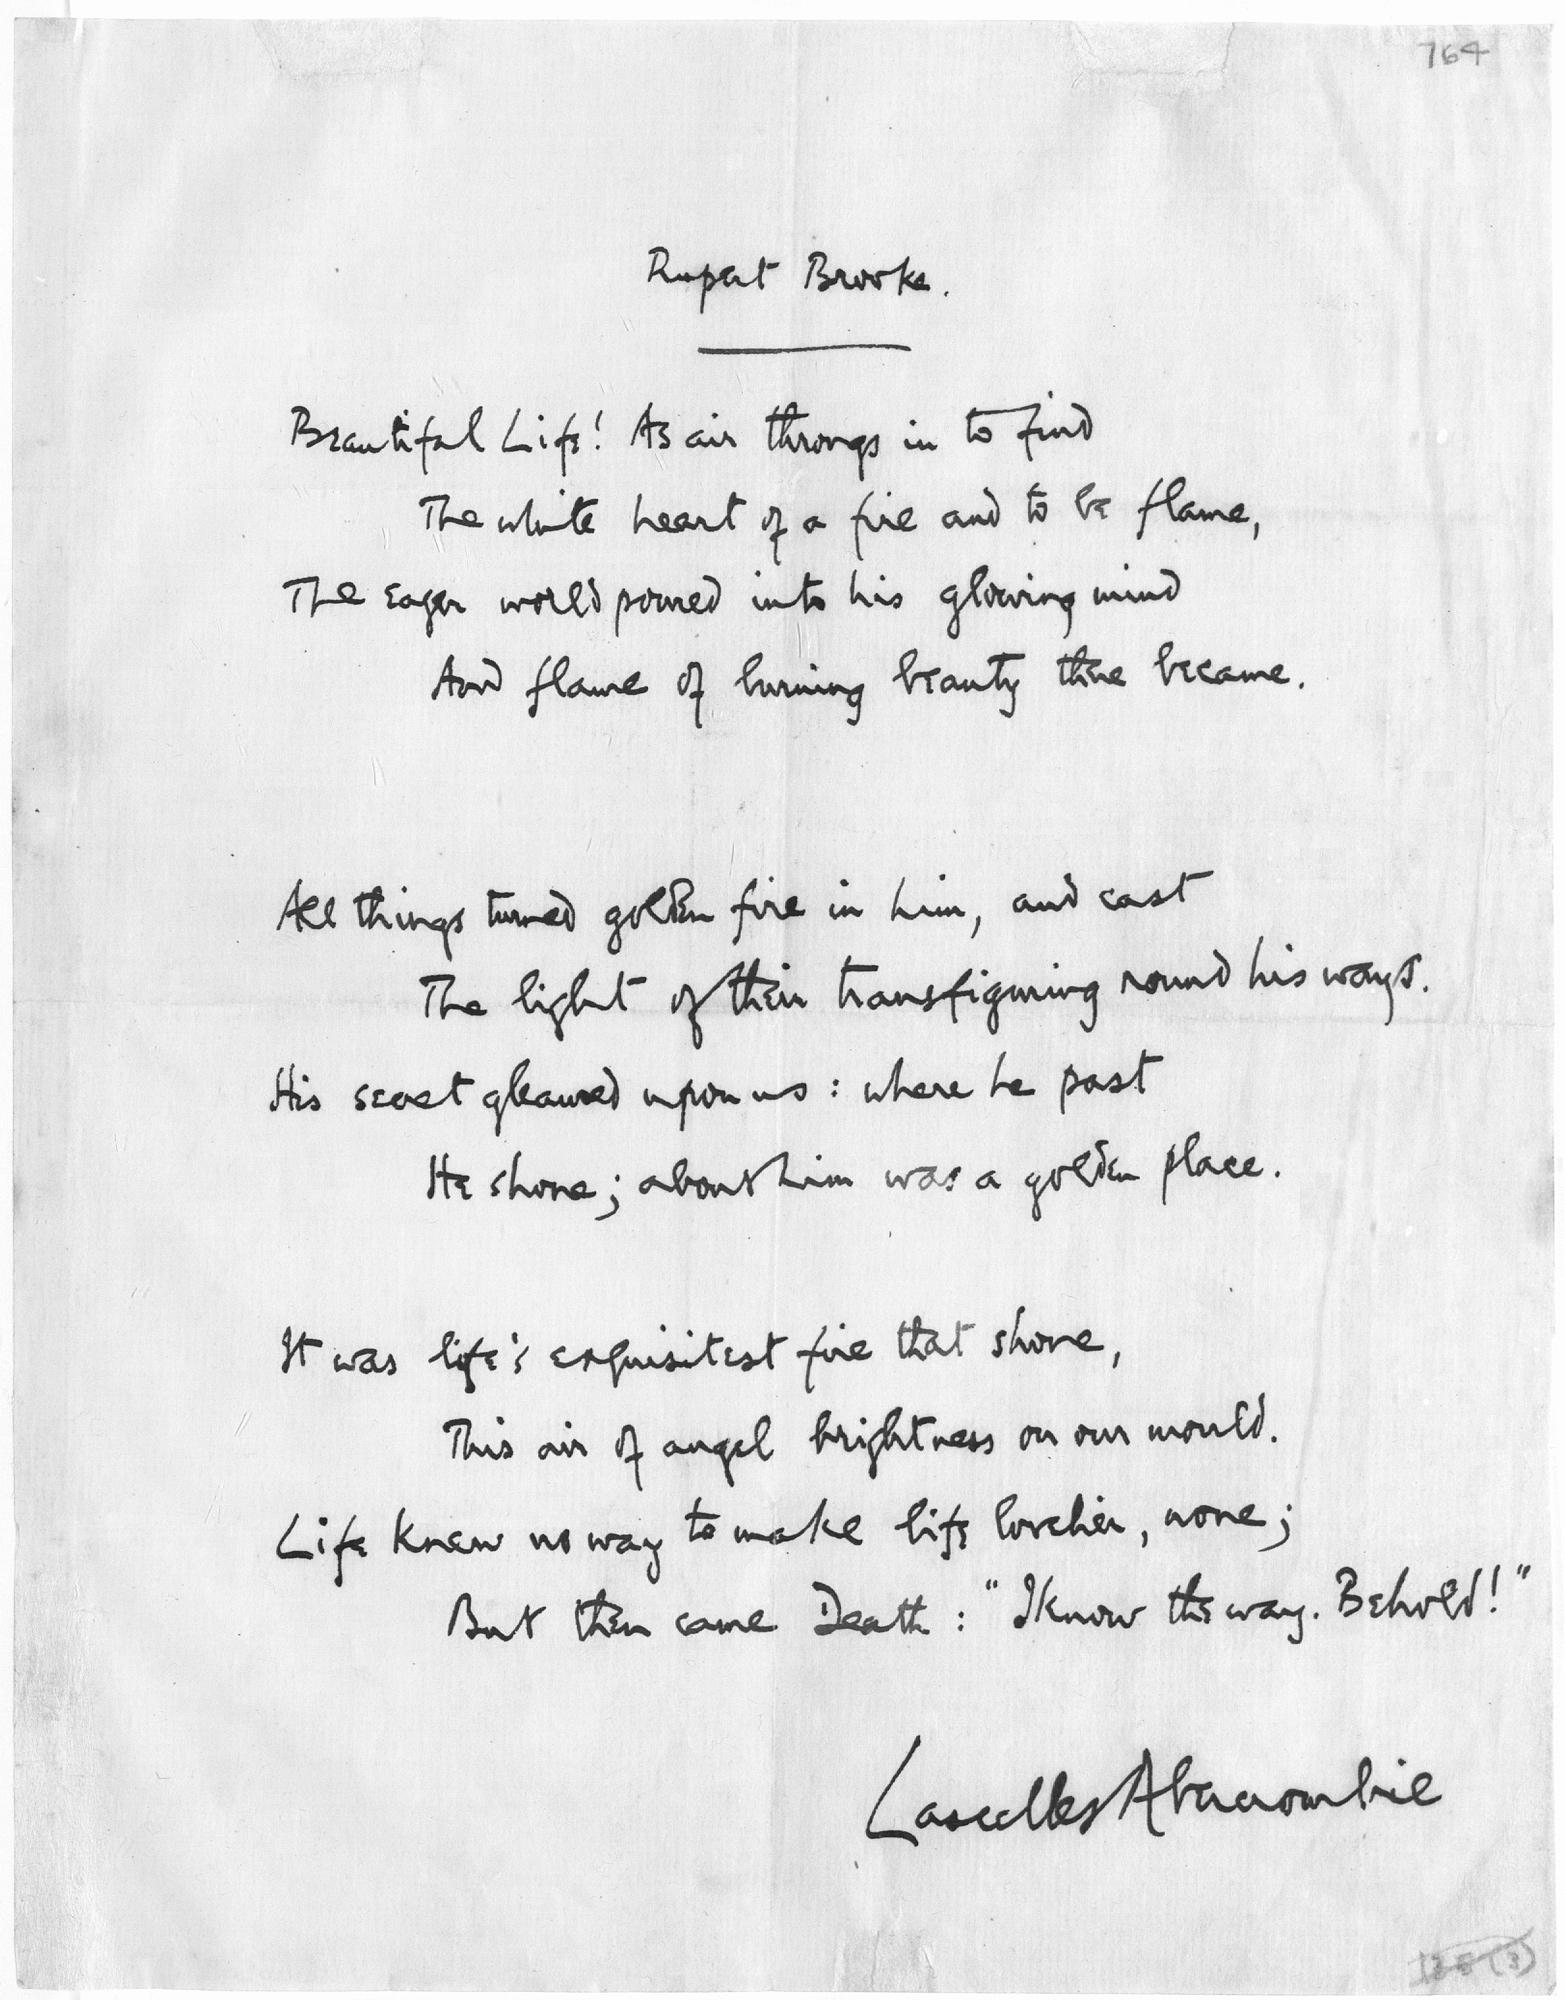 Lascelle Abercrombie's Rupert Brooke poem